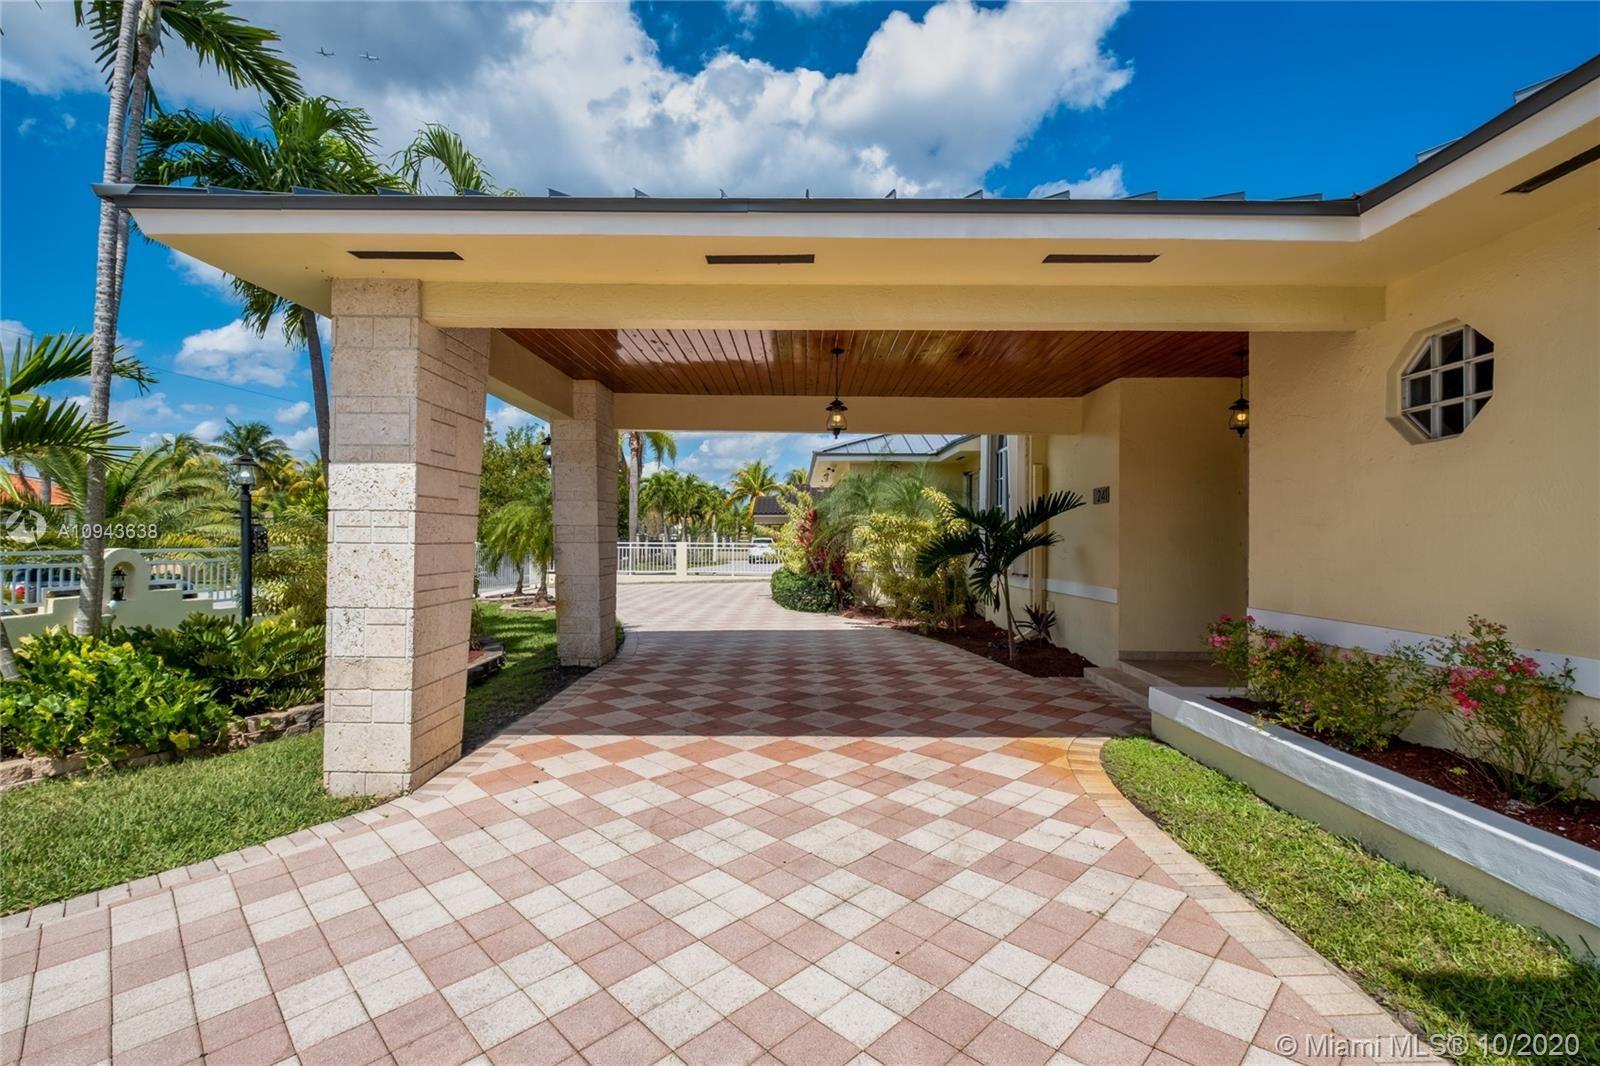 241 NW 120th Ave, Miami, FL 33182 - #: A10943638